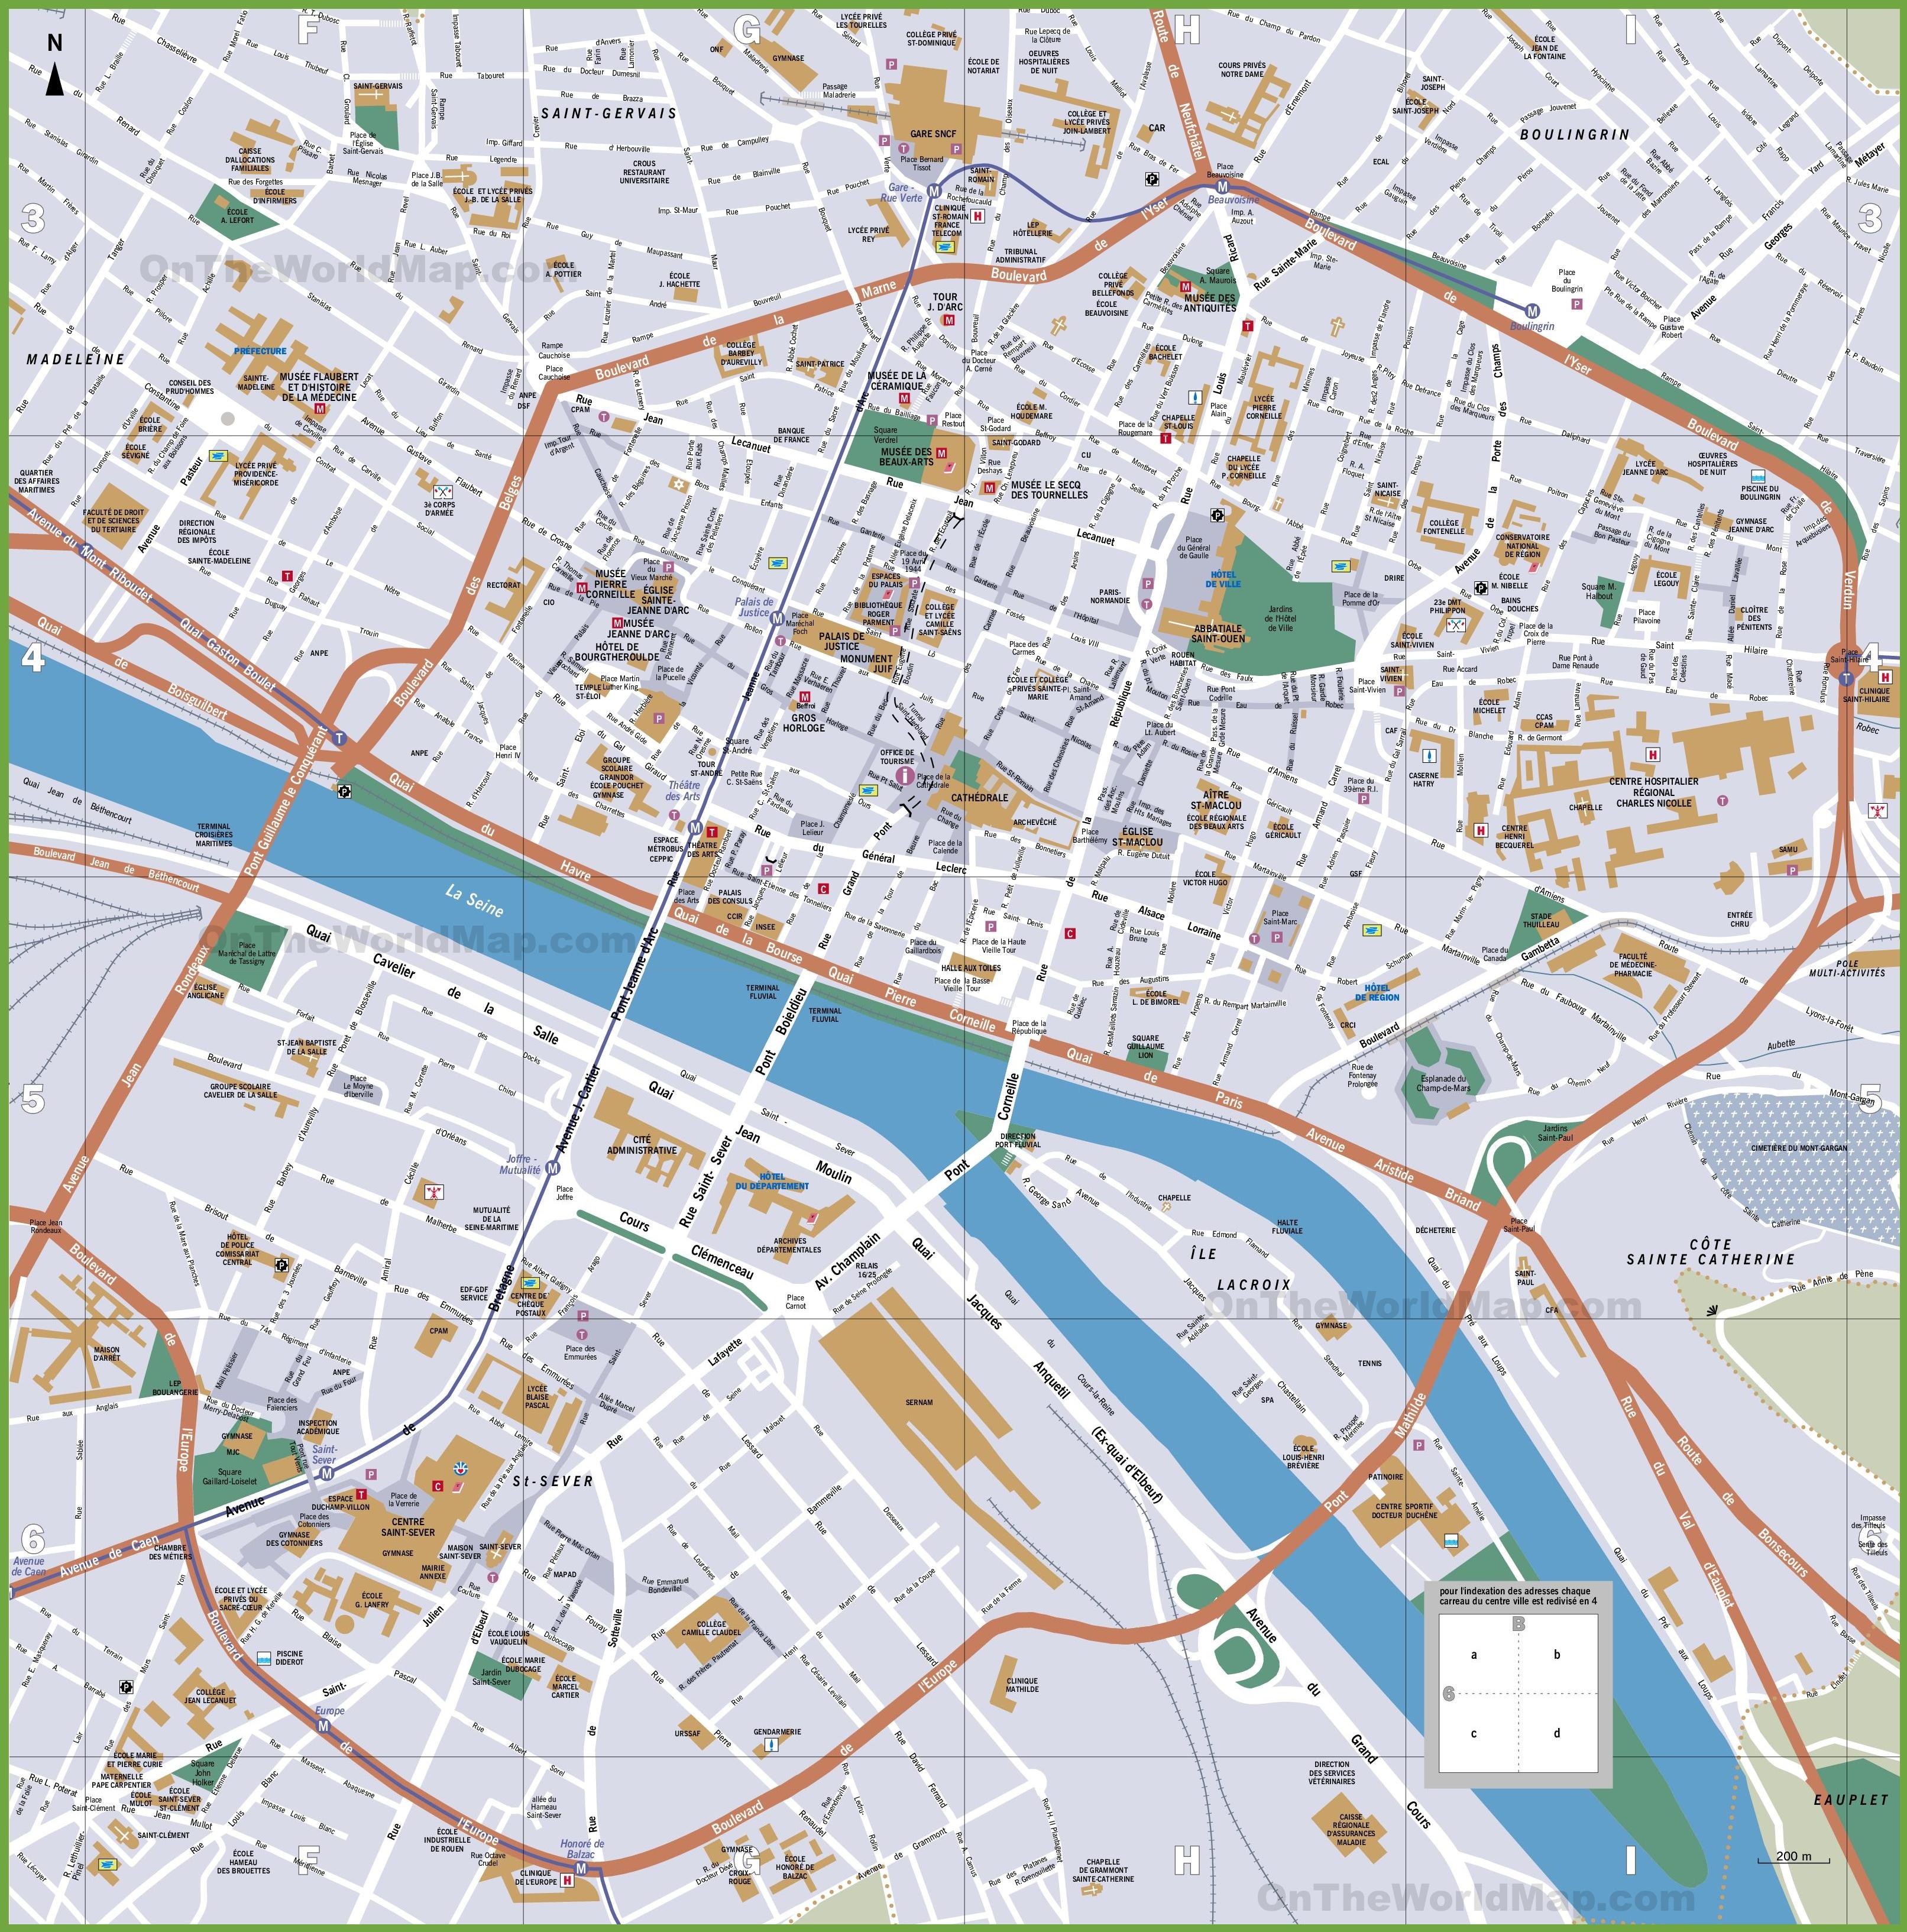 Rouen tourist map